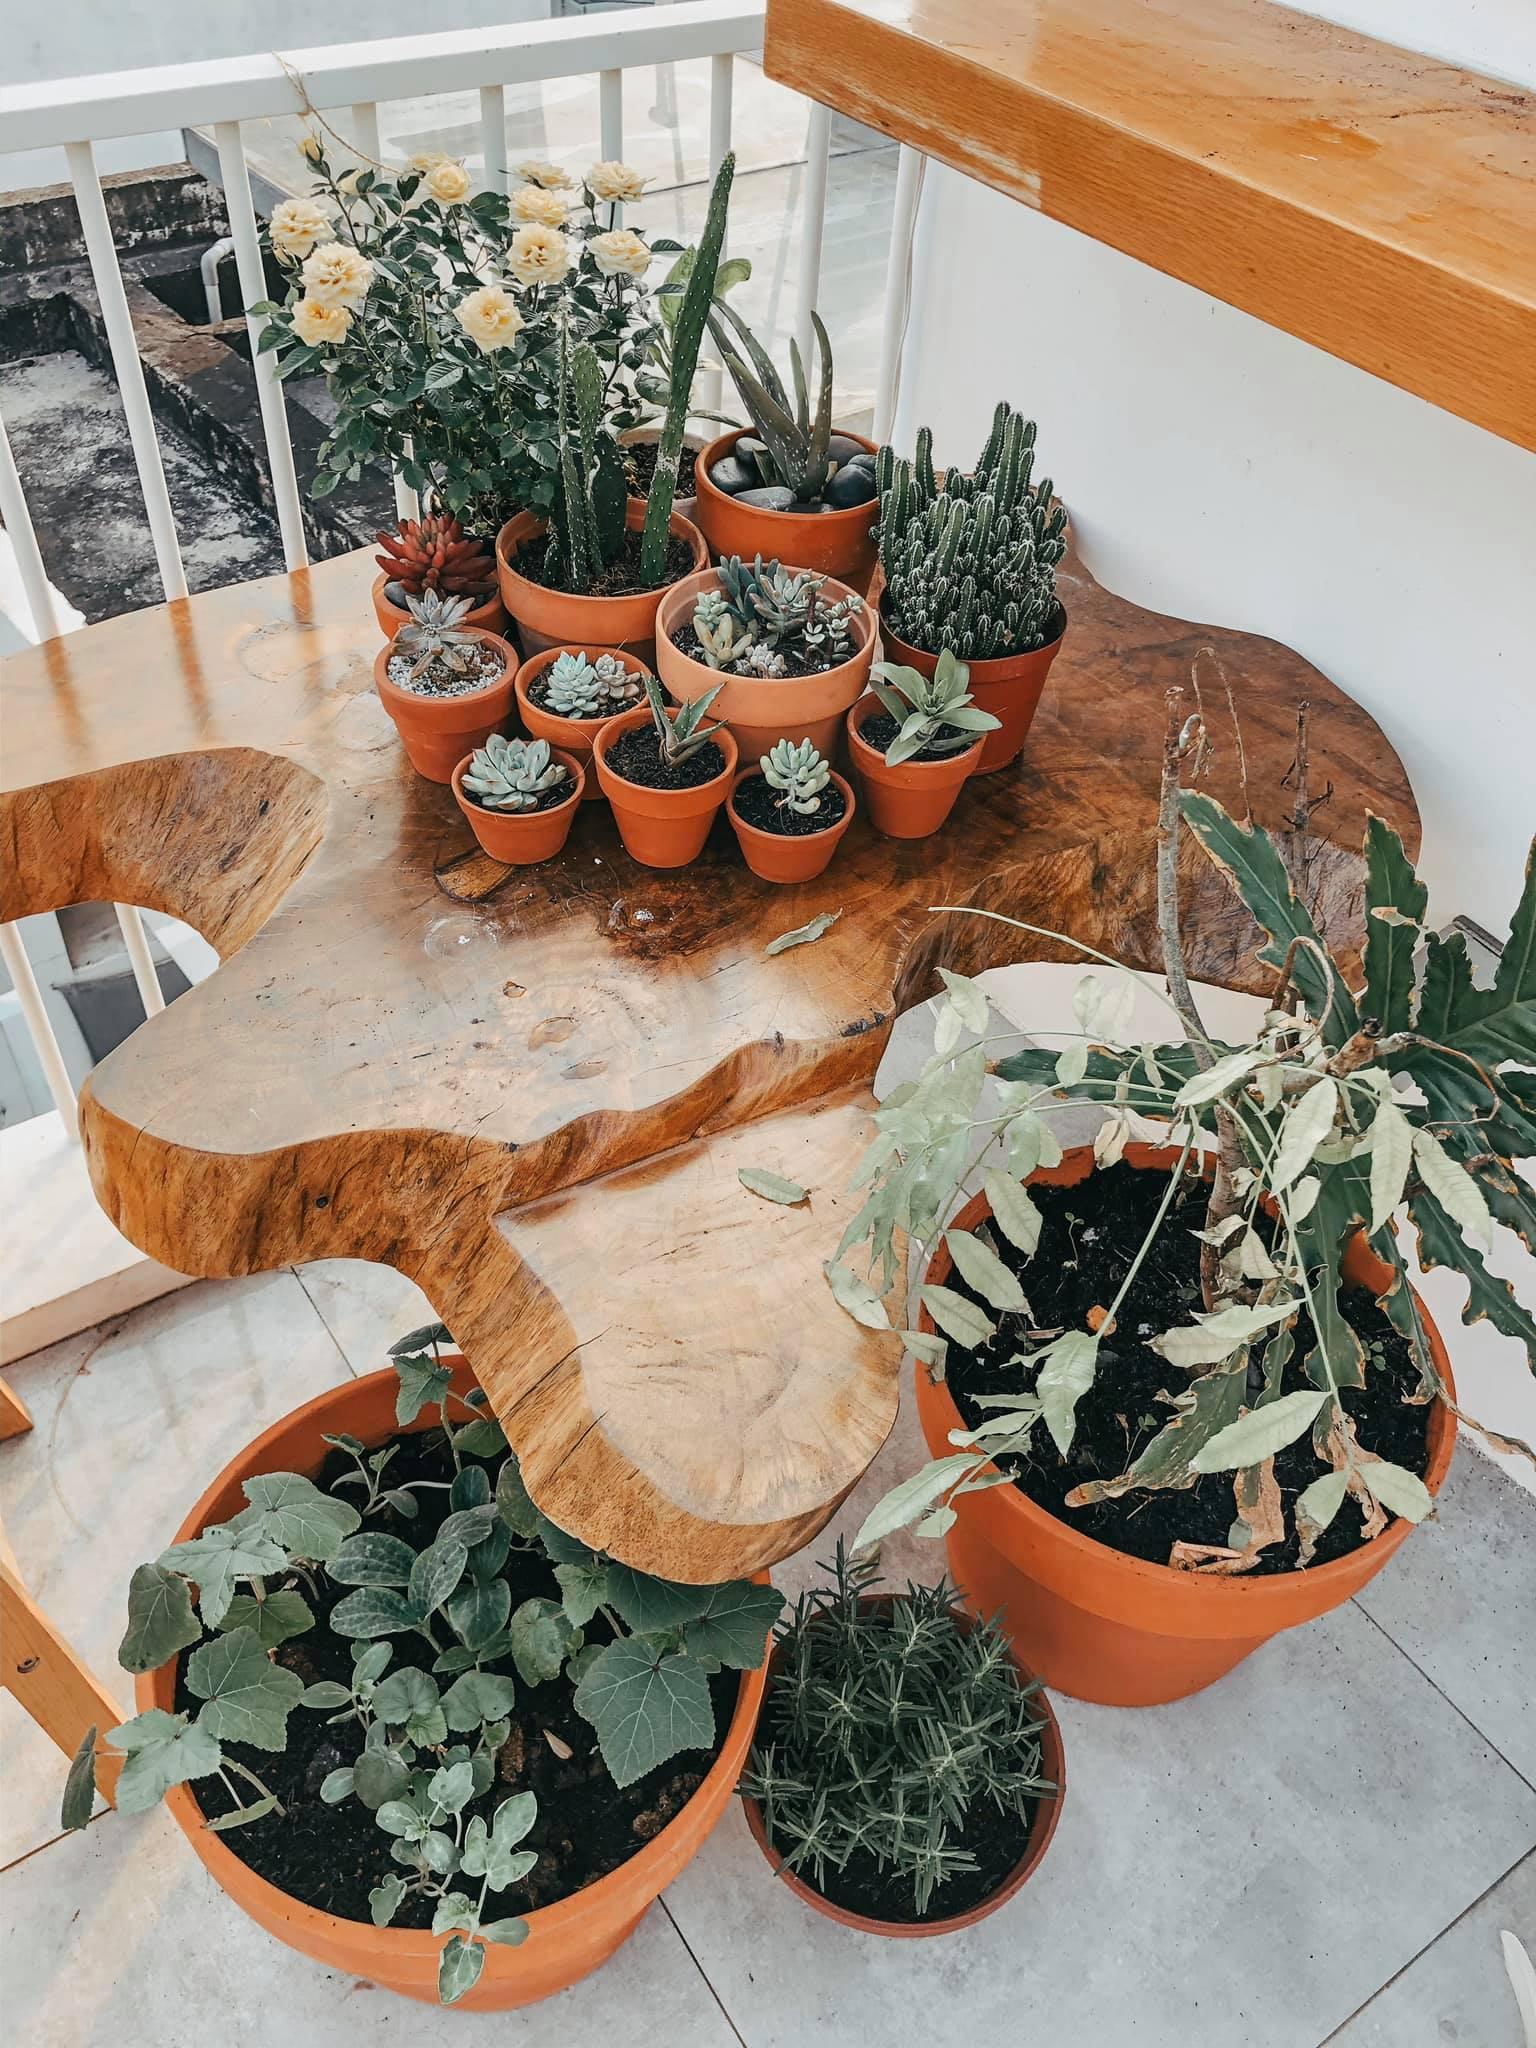 Những chậu cây hoa và cây cảnh trên bàn gỗ trang trí